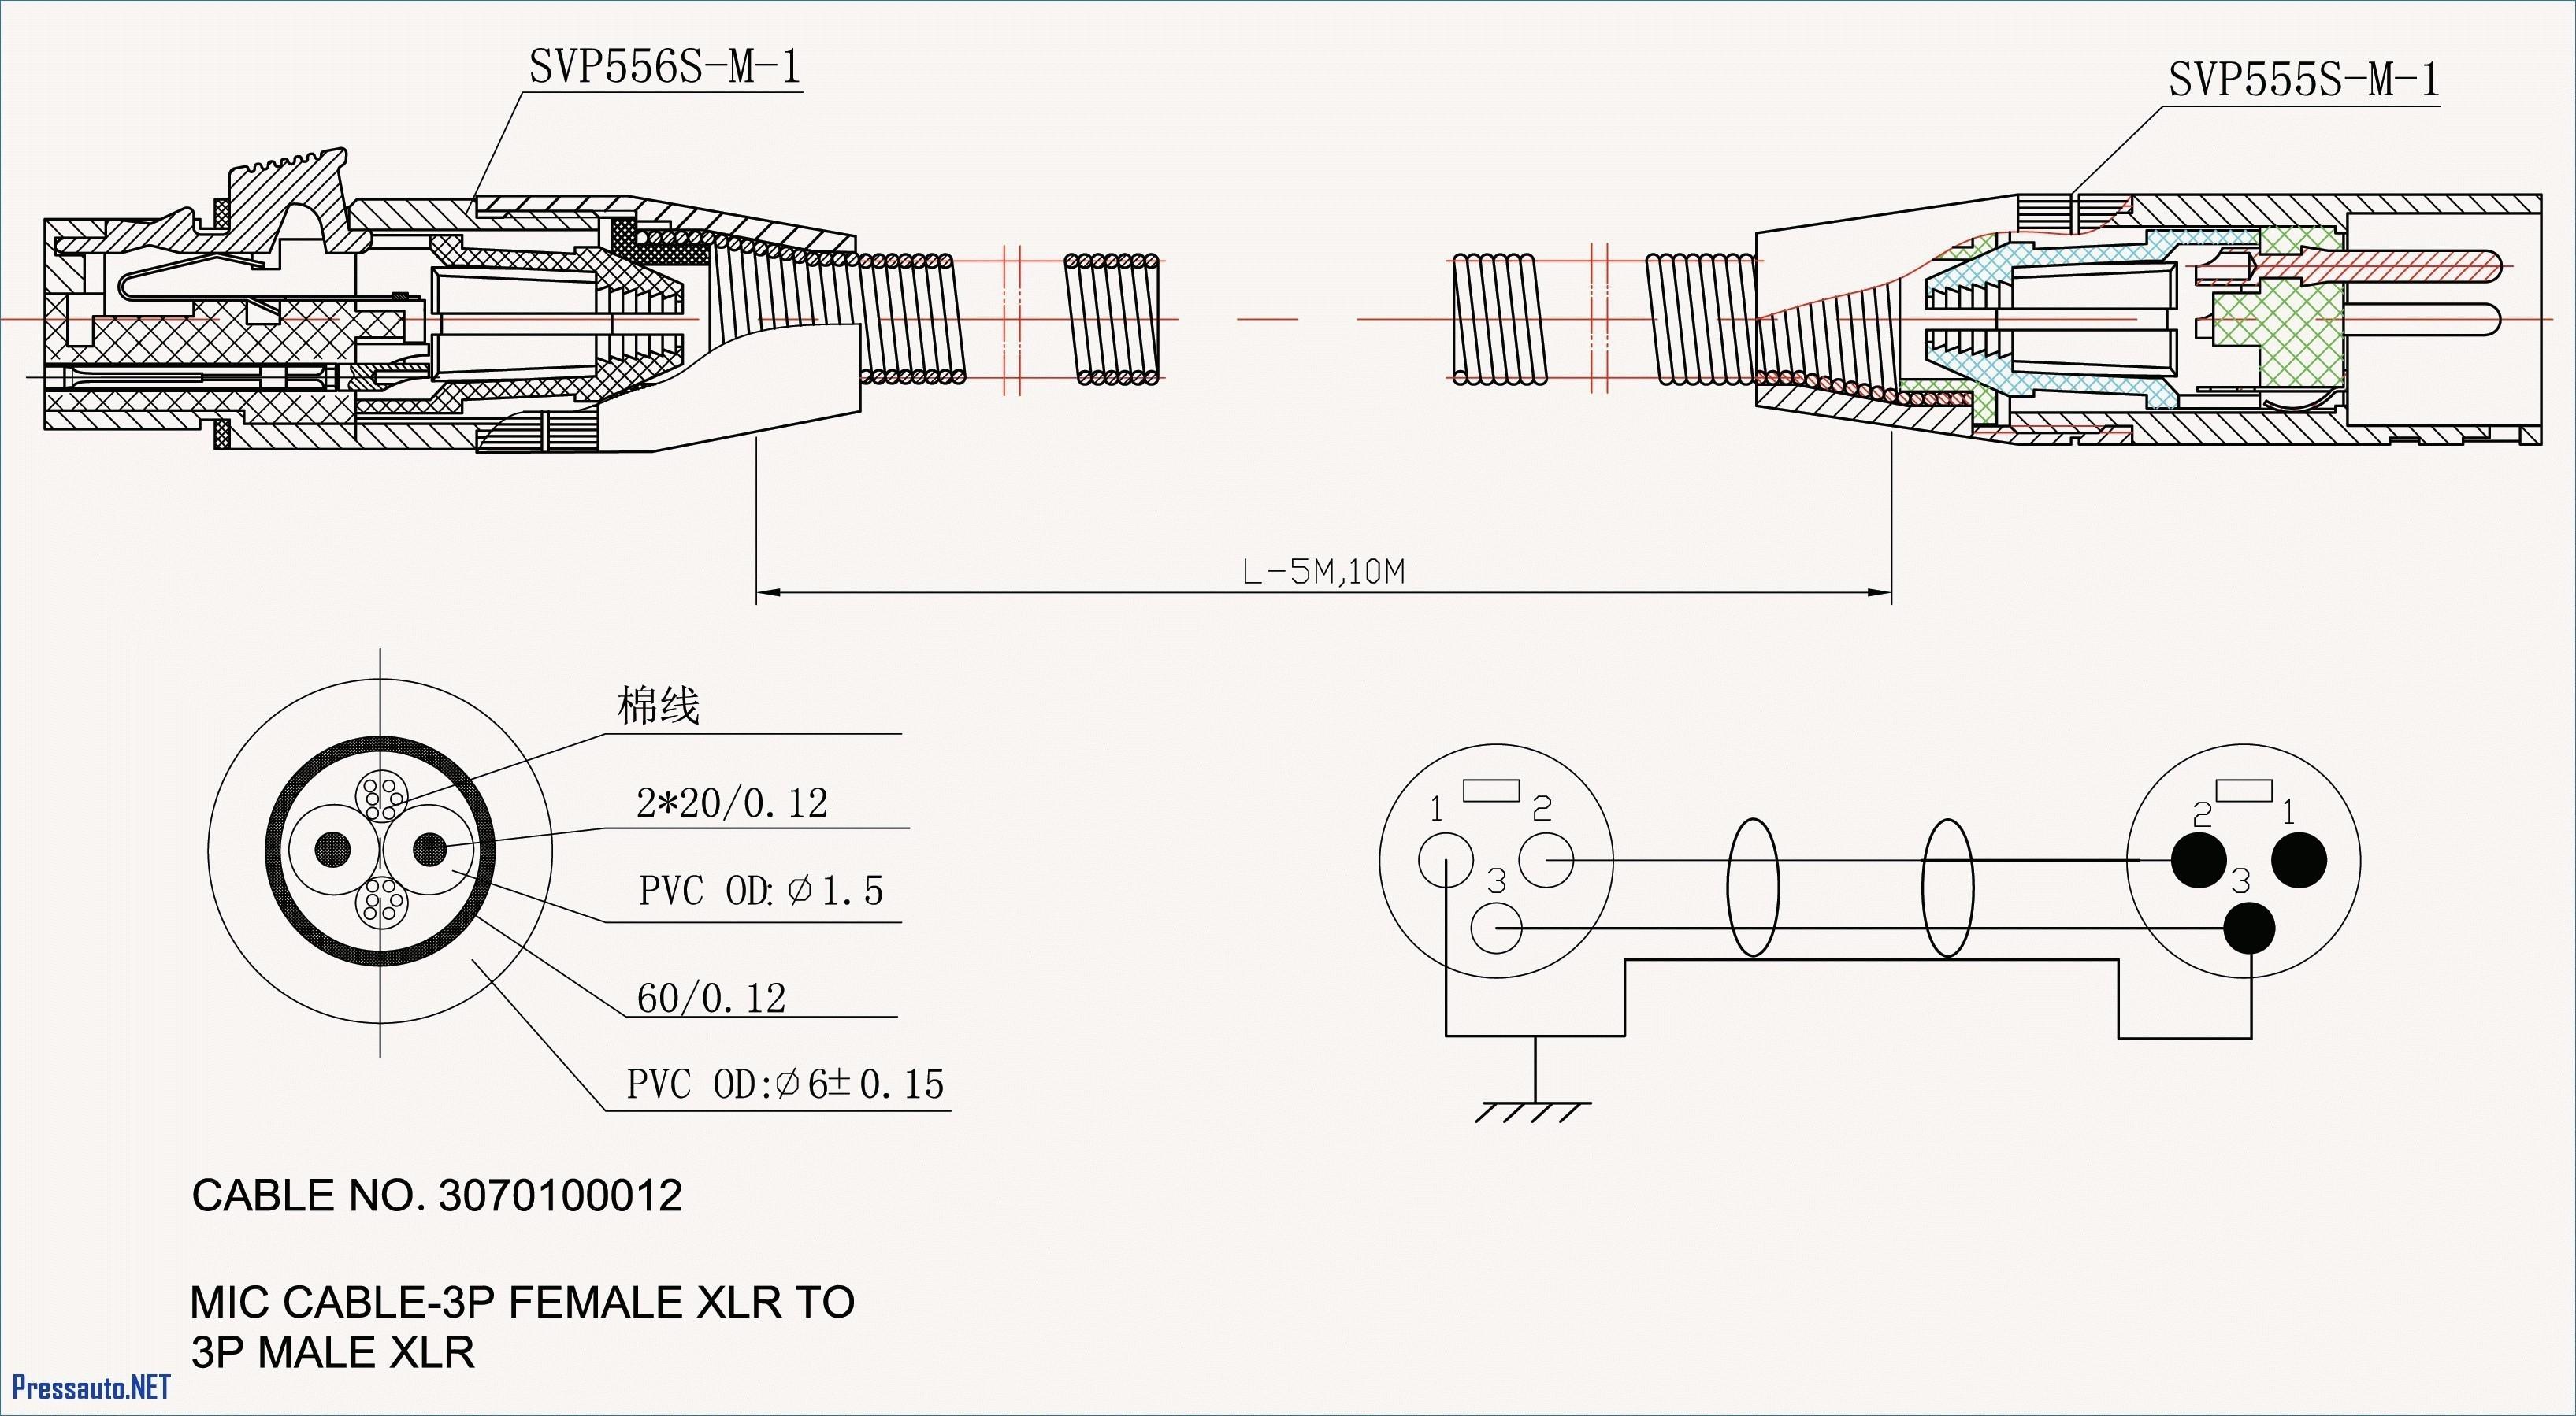 Valeo Alternator Wiring Diagram Unique Wiring Diagram Valeo Alternator – Ipphil Of Valeo Alternator Wiring Diagram